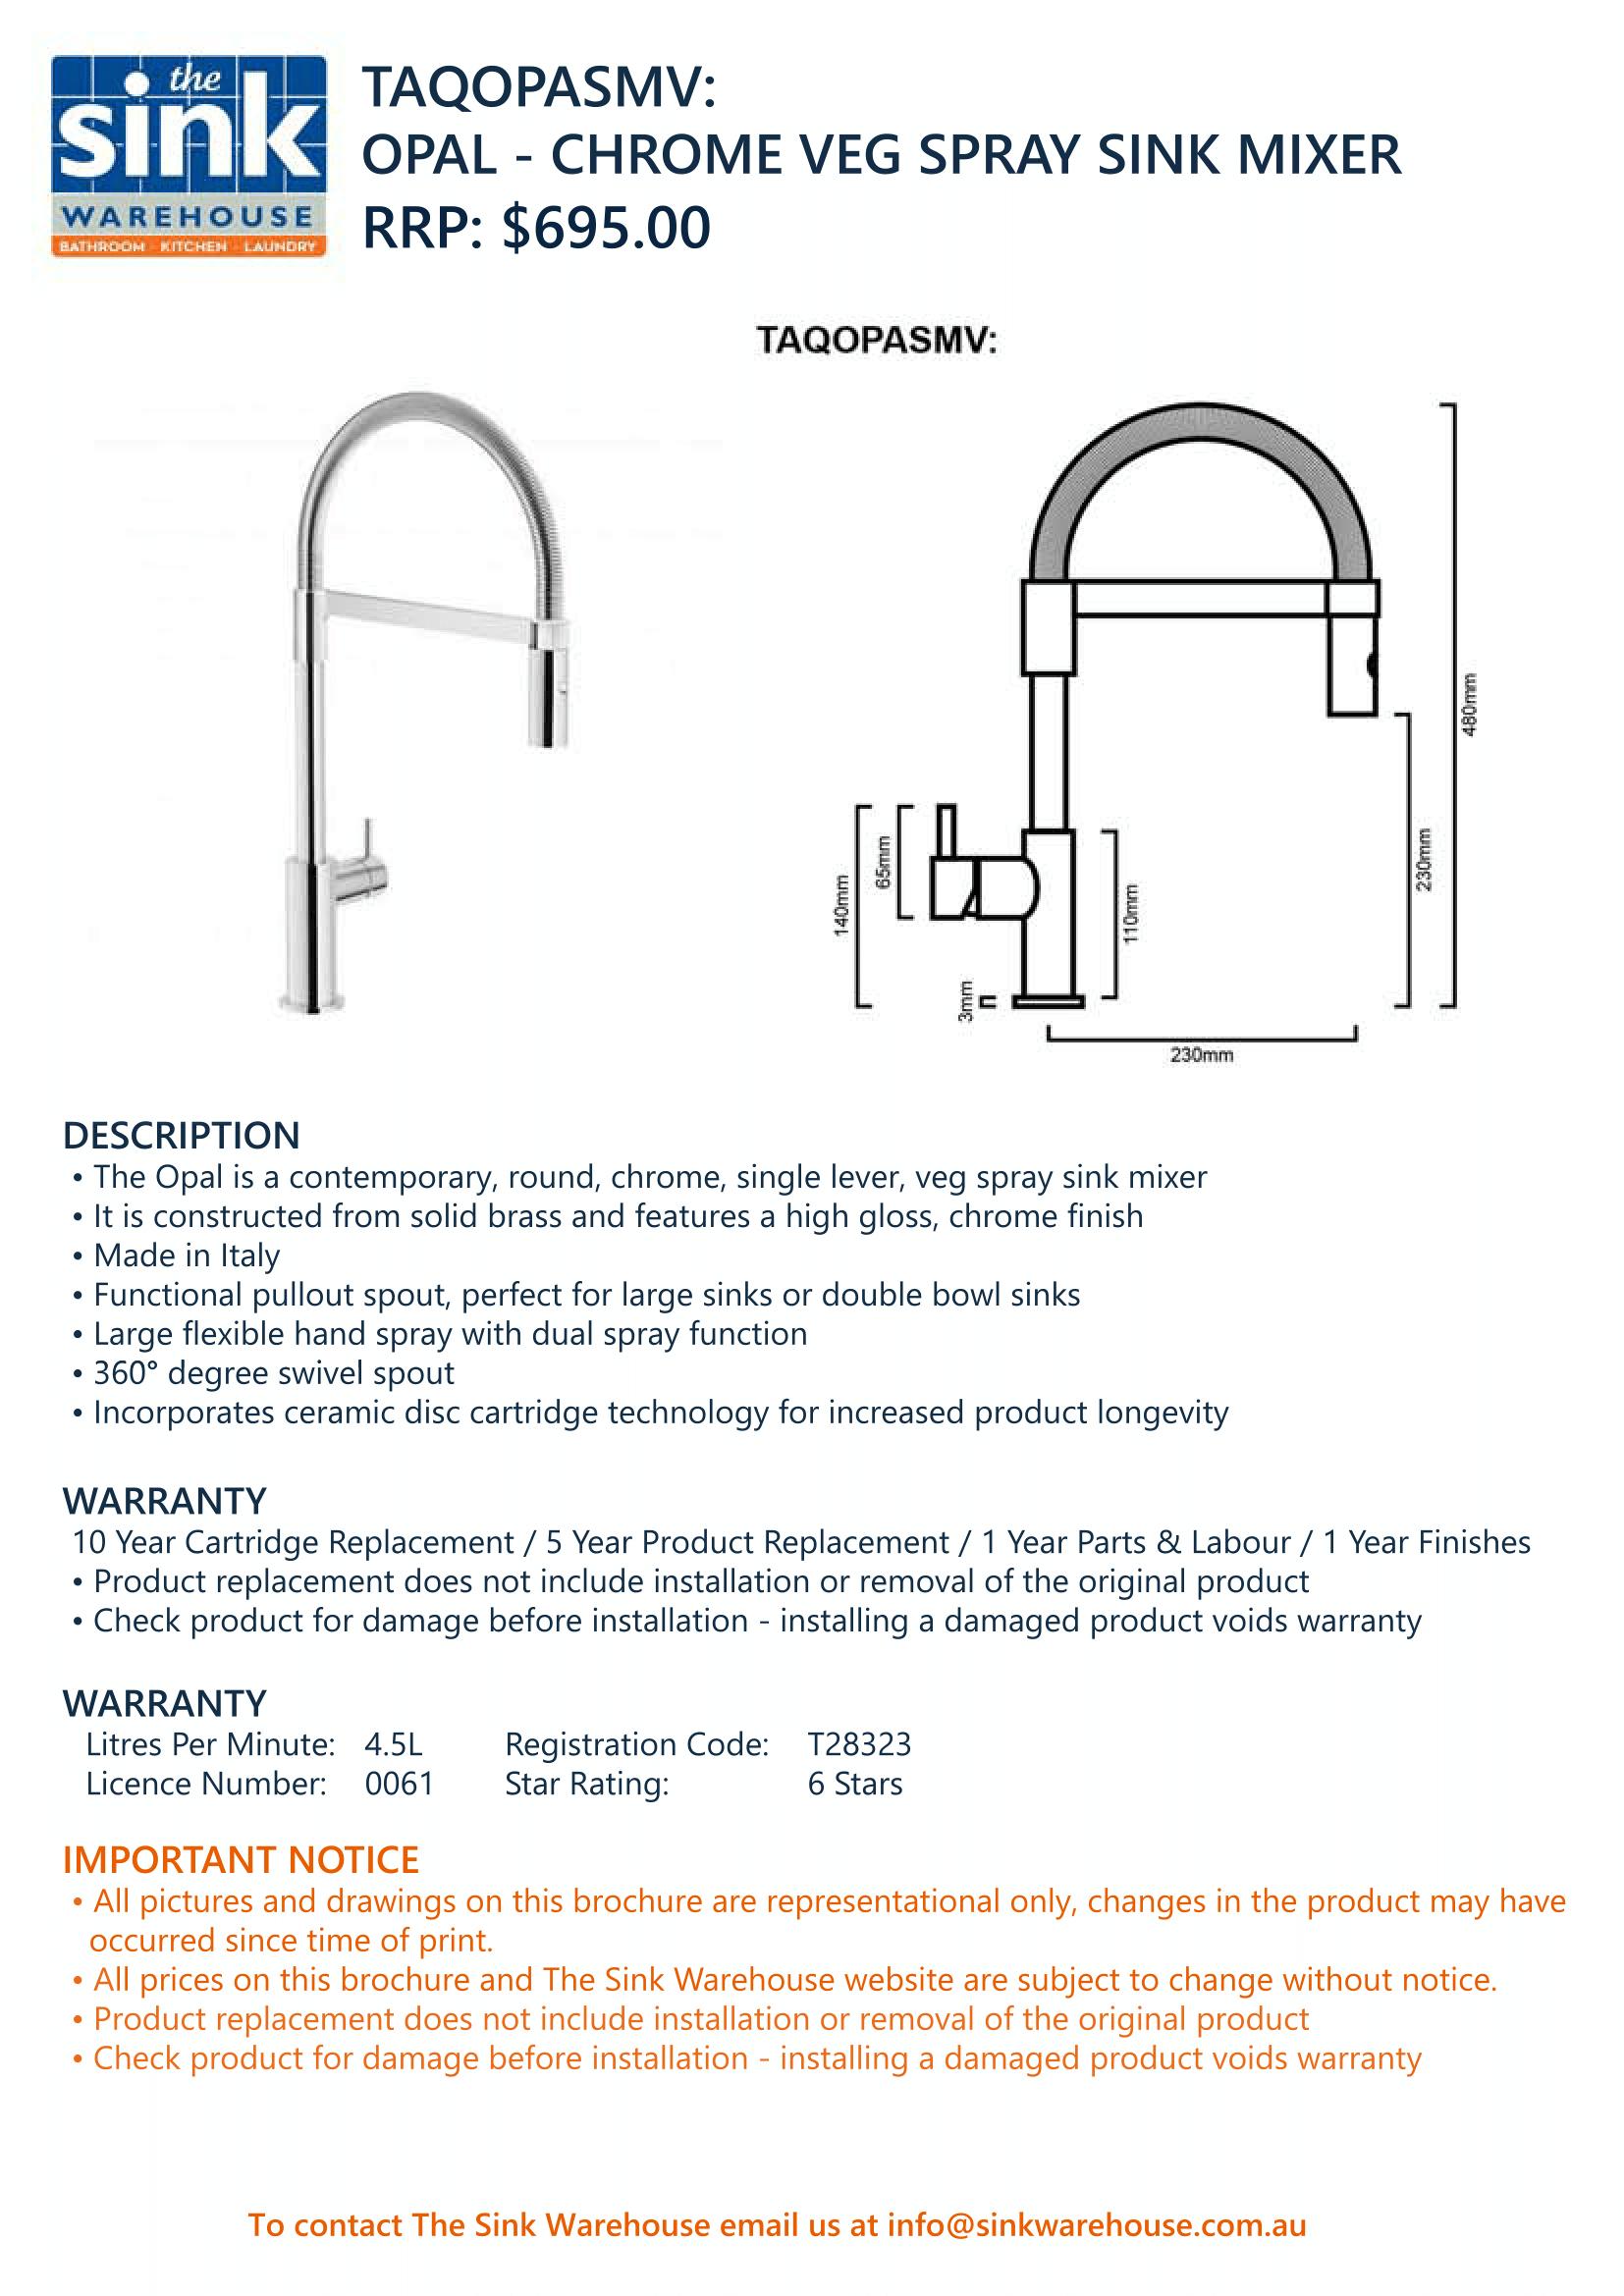 taqopasmv-product-spec-sheet-1.png